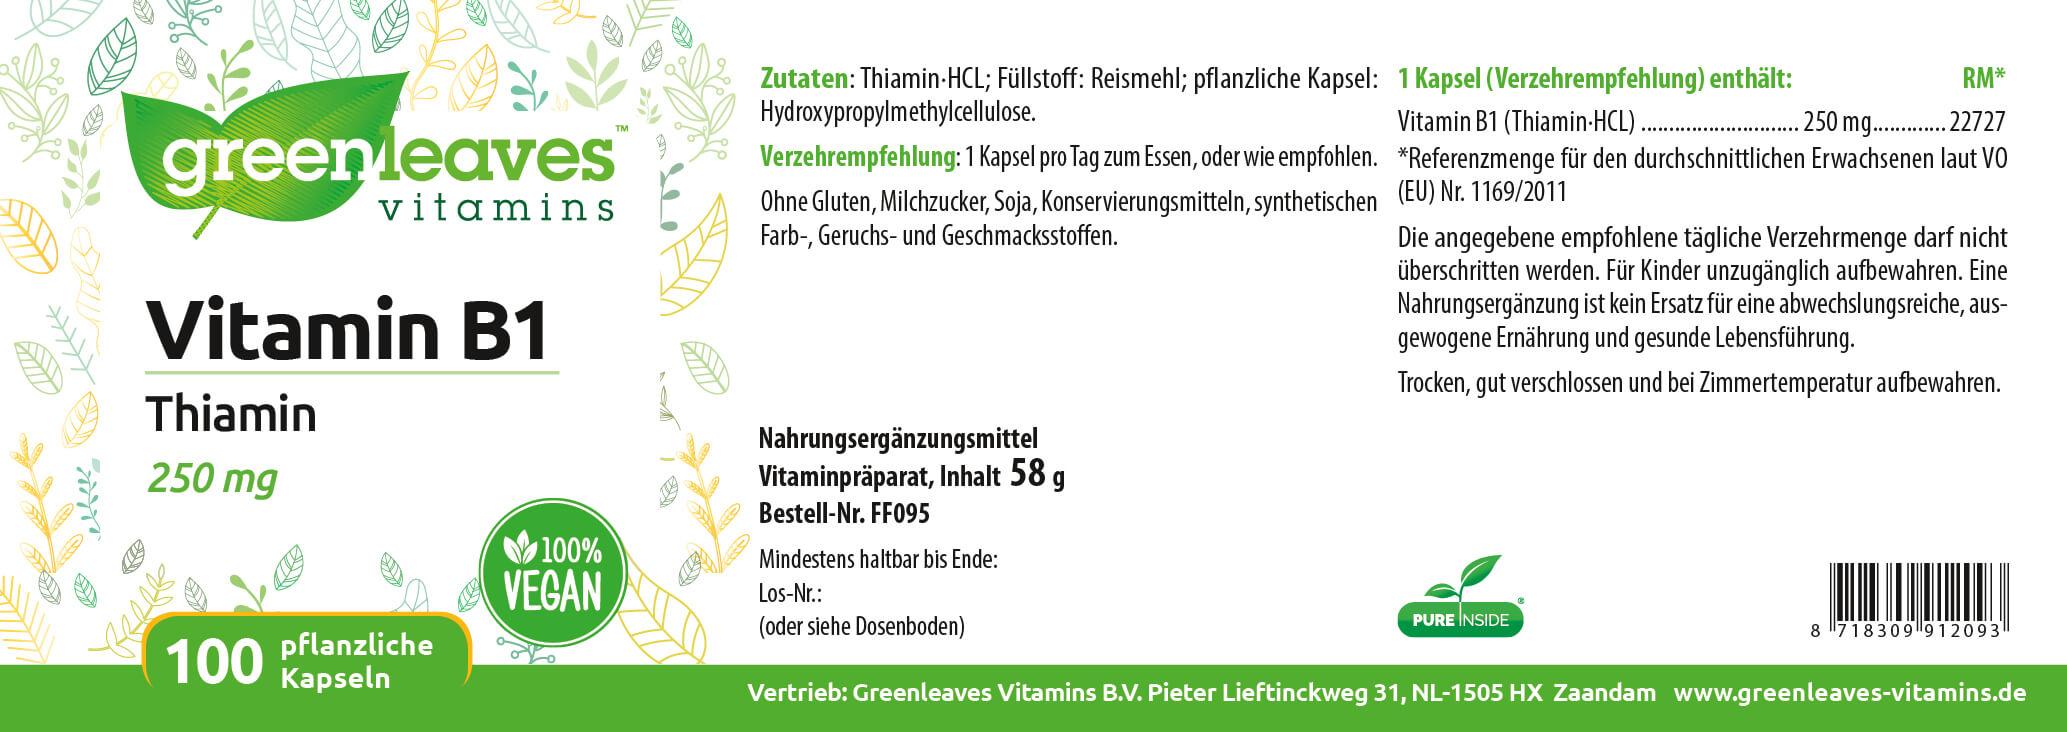 FF095-Vitamin-B1-2502zGHviqtcP0Qt